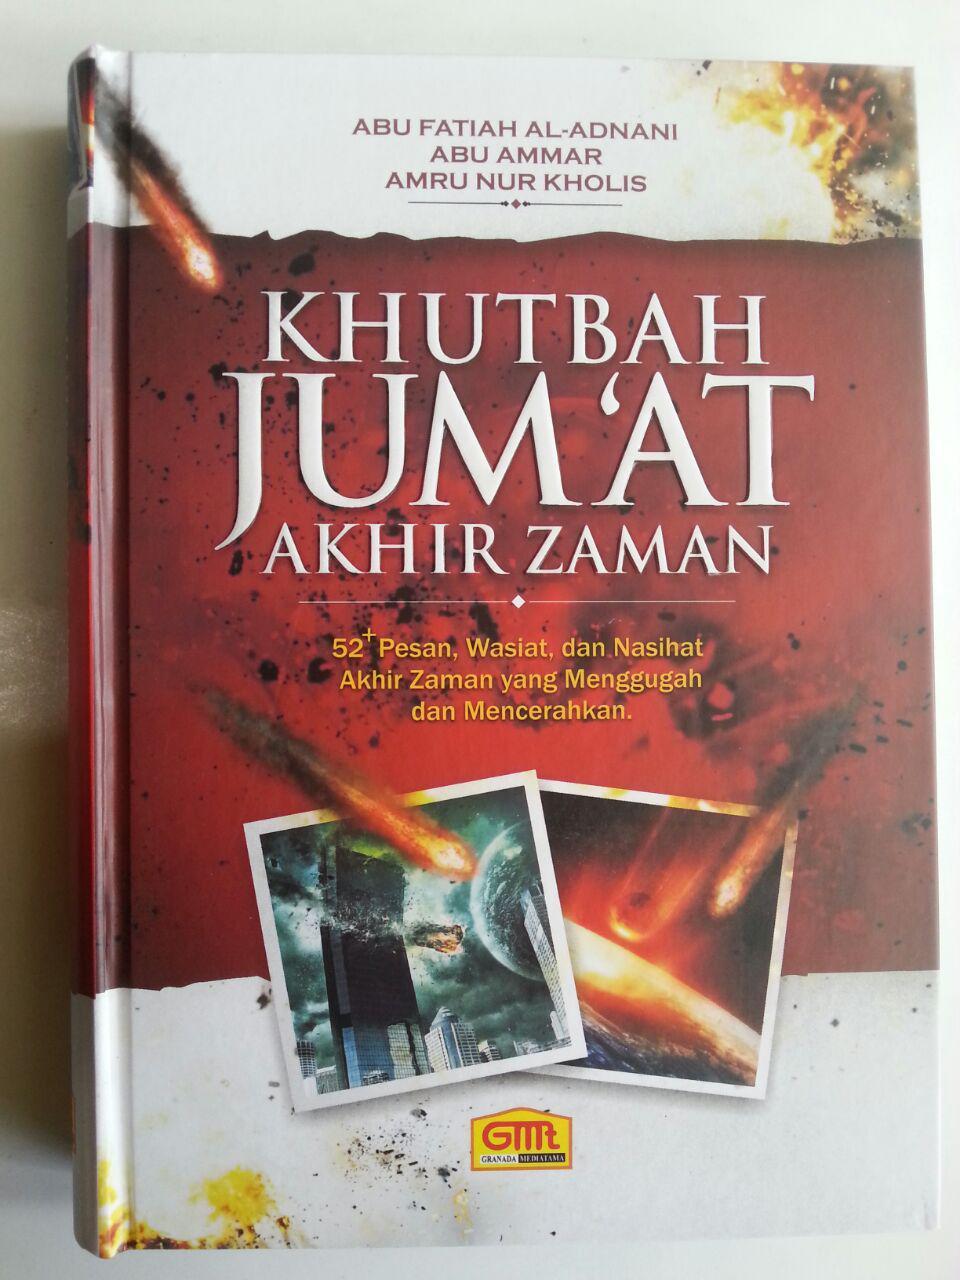 Buku Khutbah Jum'at Akhir Zaman 52 Pesan Wasiat Nasihat Menggugah cover 3